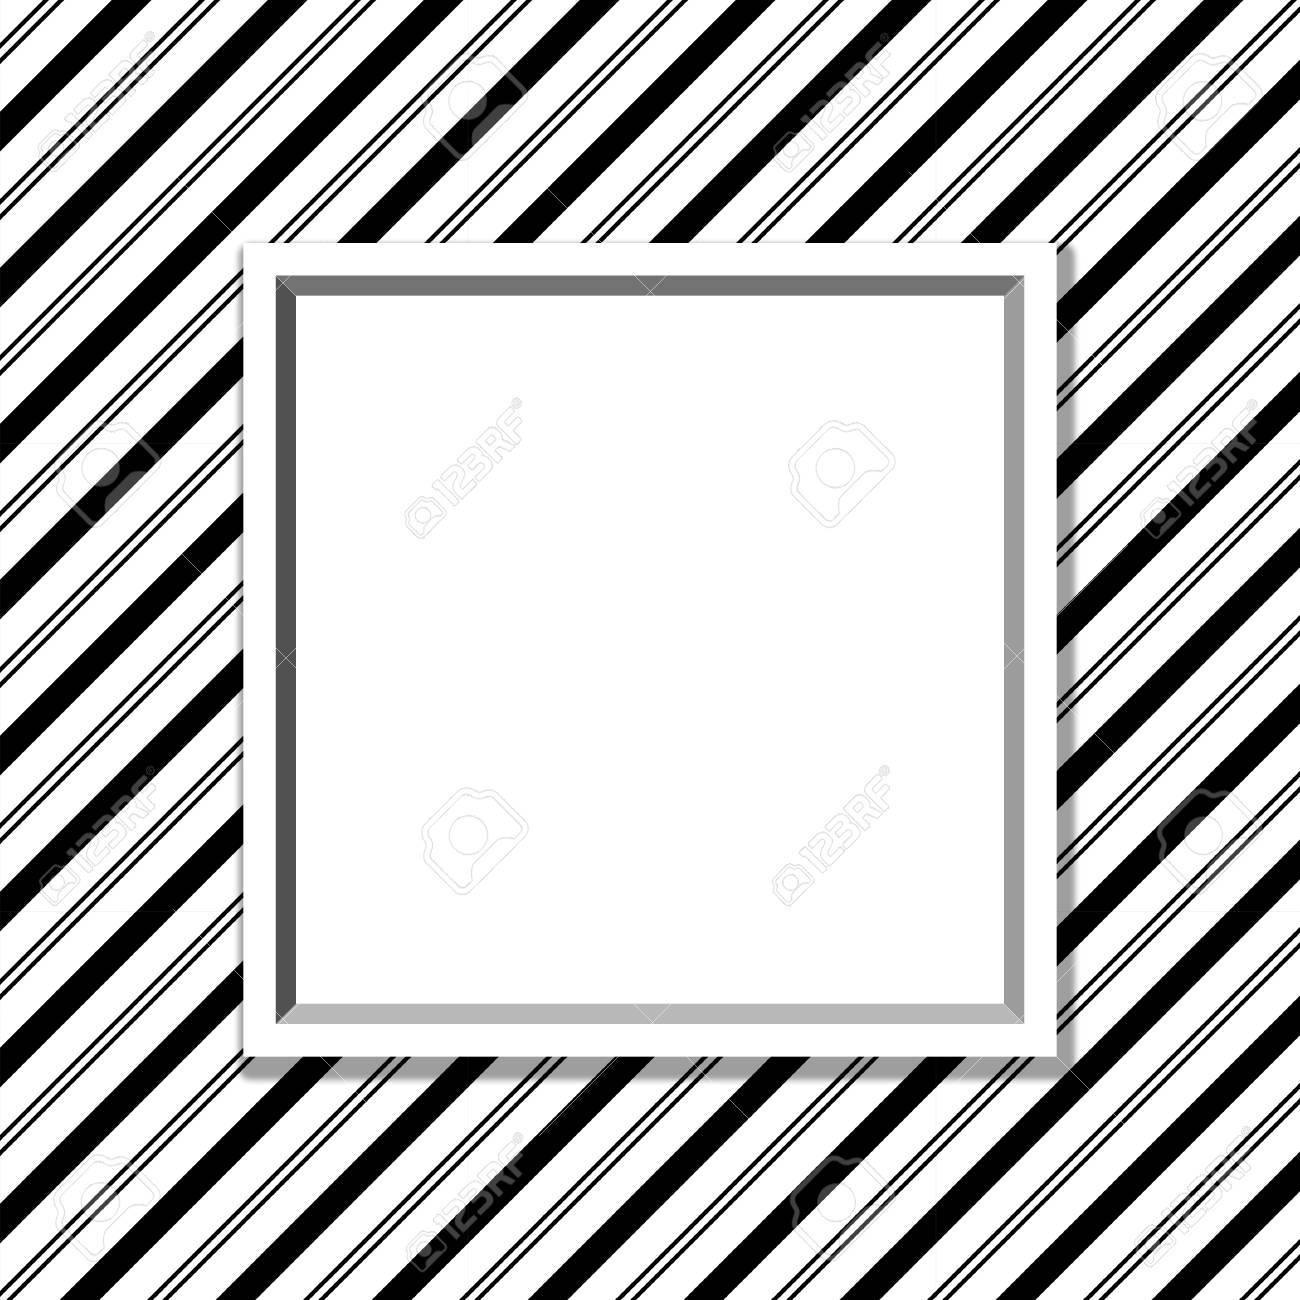 Schwarz-weiß Gestreiften Hintergrund Mit Rahmen Mit Zentrum Für Copy ...